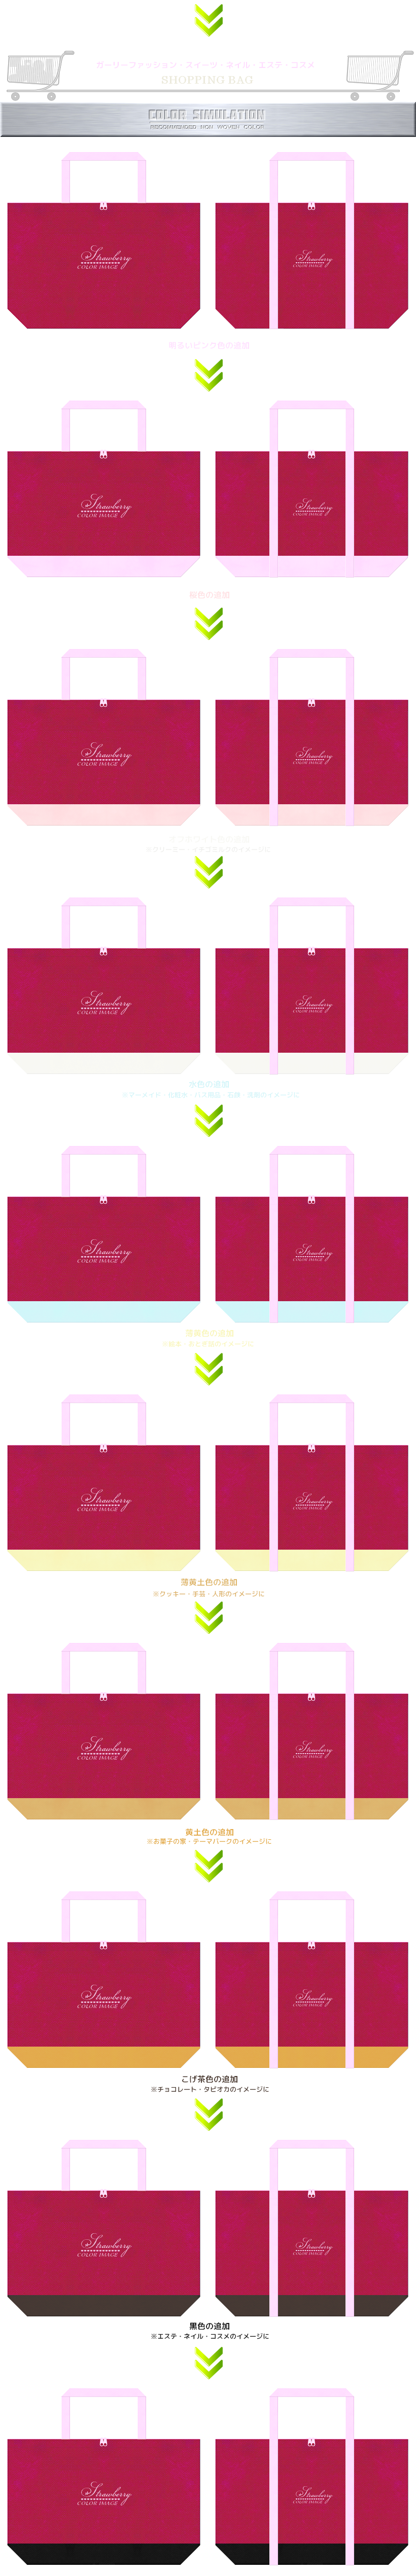 濃いピンク色と明るいピンク色メインの不織布ショッピングバッグのカラーシミュレーション:ガーリーデザインのショッピングバッグ.1